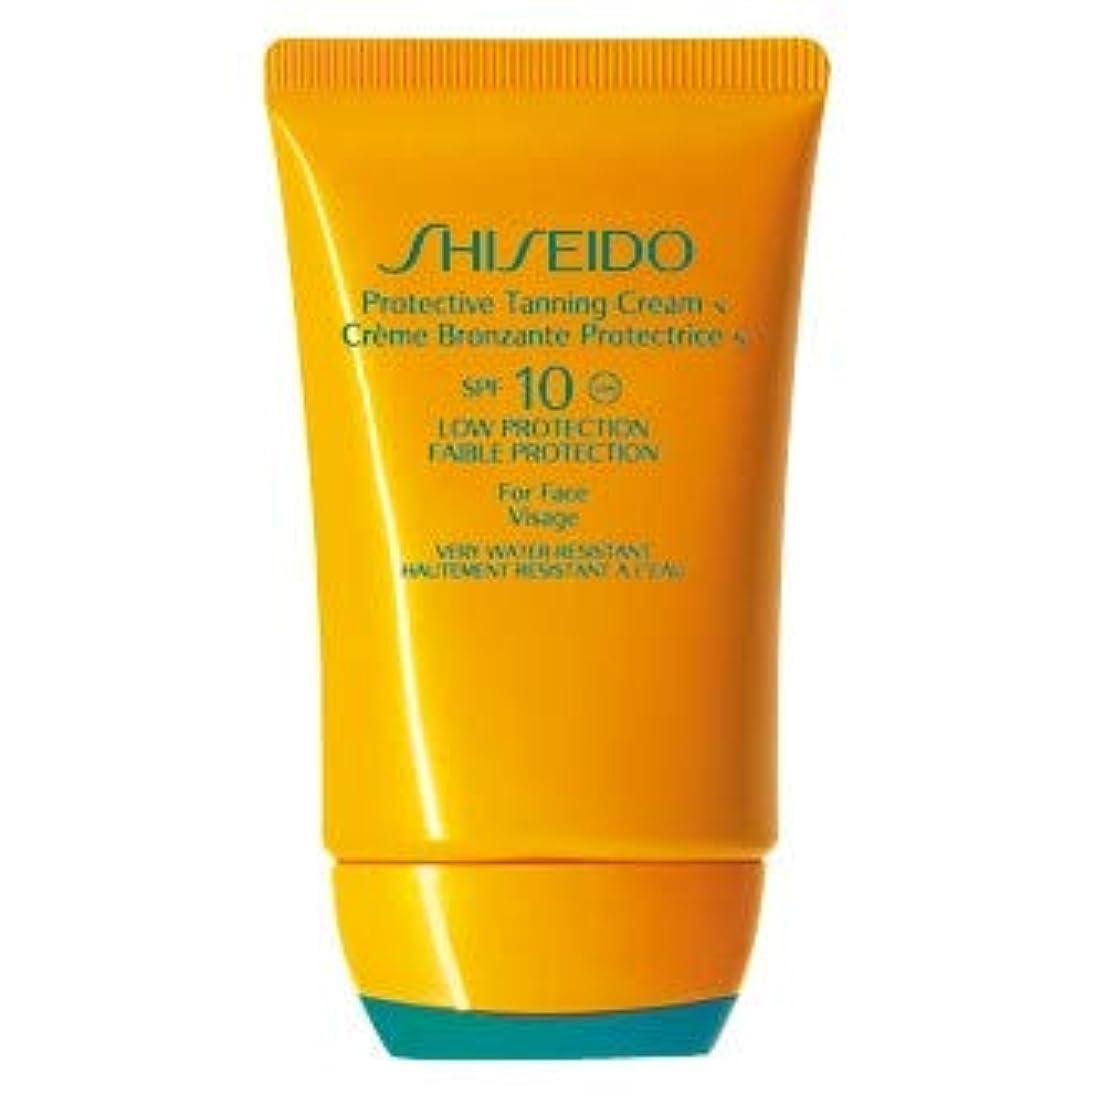 守る学期について[Shiseido] 資生堂保護日焼けクリームN Spf 10 50ミリリットル - Shiseido Protective Tanning Cream N Spf 10 50ml [並行輸入品]